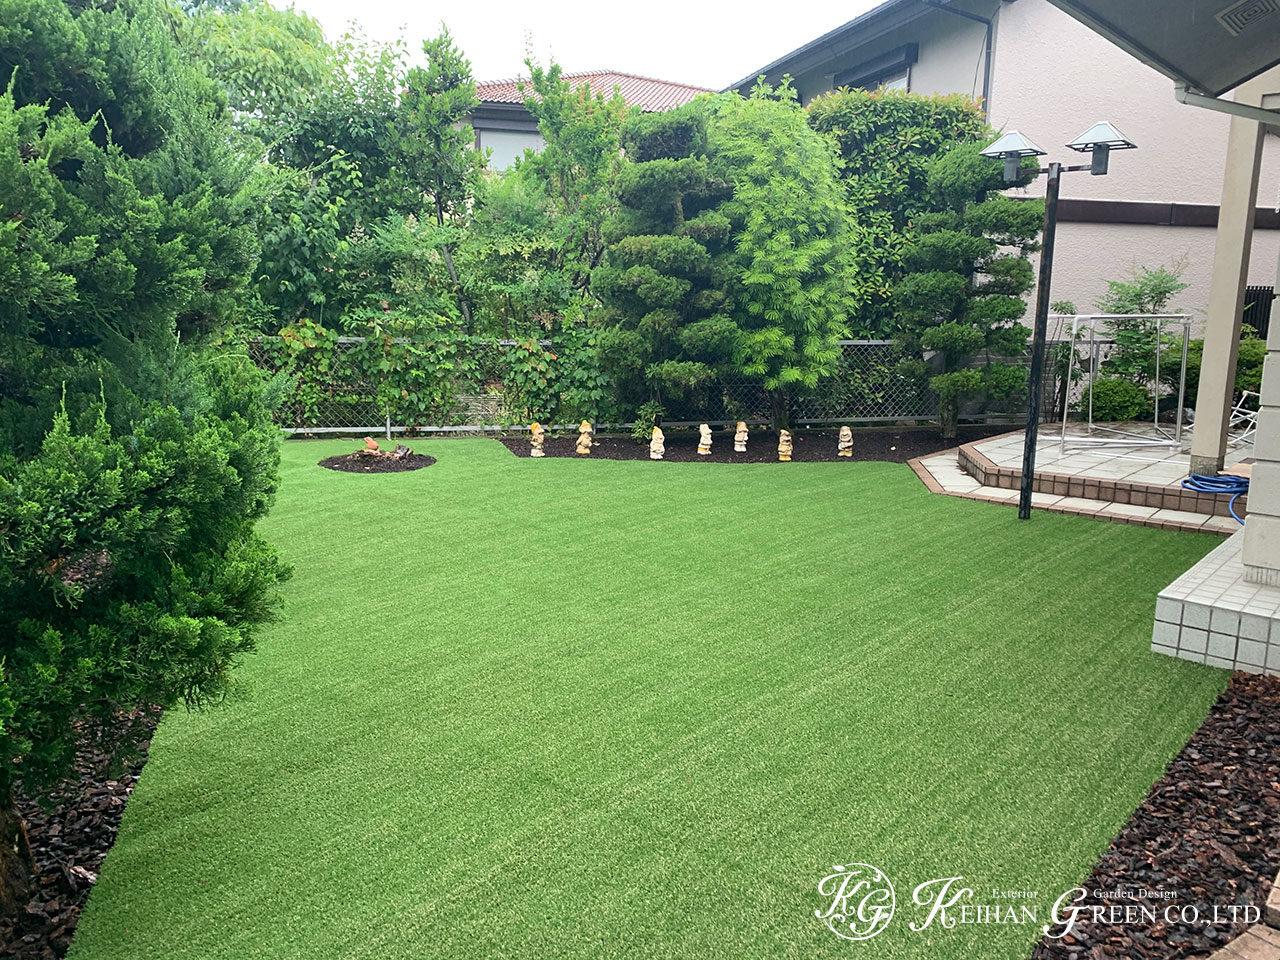 人工芝とマルチングで雑草対策もバッチリ 大津市